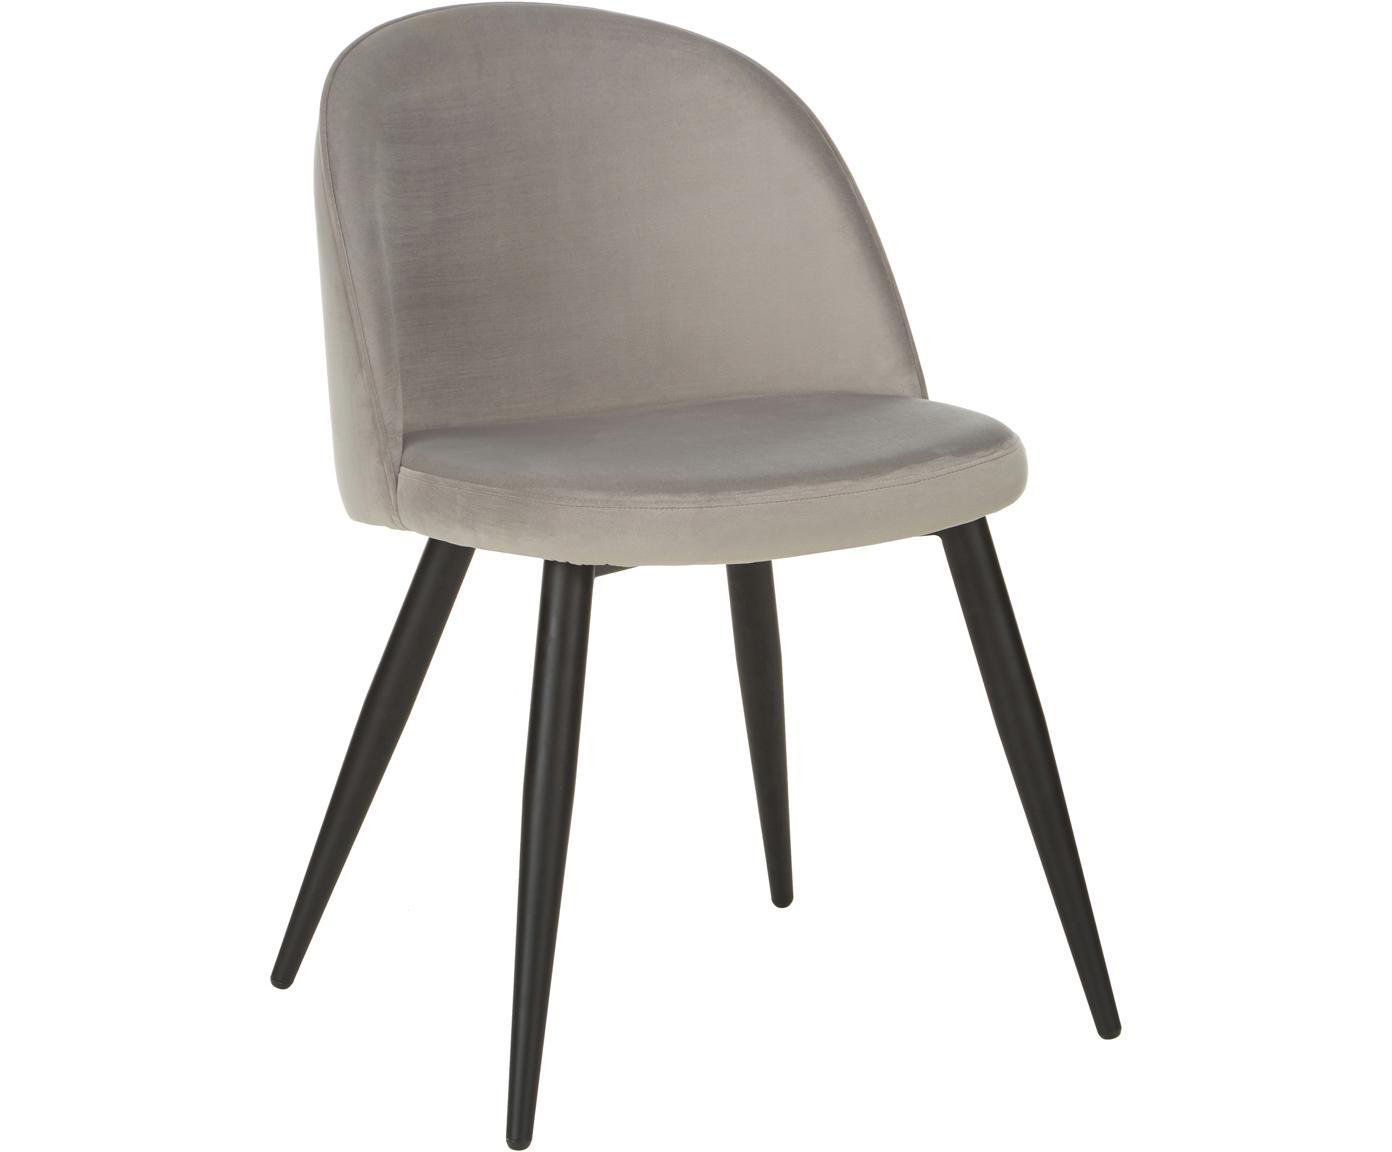 Moderne fluwelen stoelen Amy, 2 stuks, Bekleding: fluweel (polyester), Poten: gepoedercoat metaal, Grijs, B 51 x D 55 cm